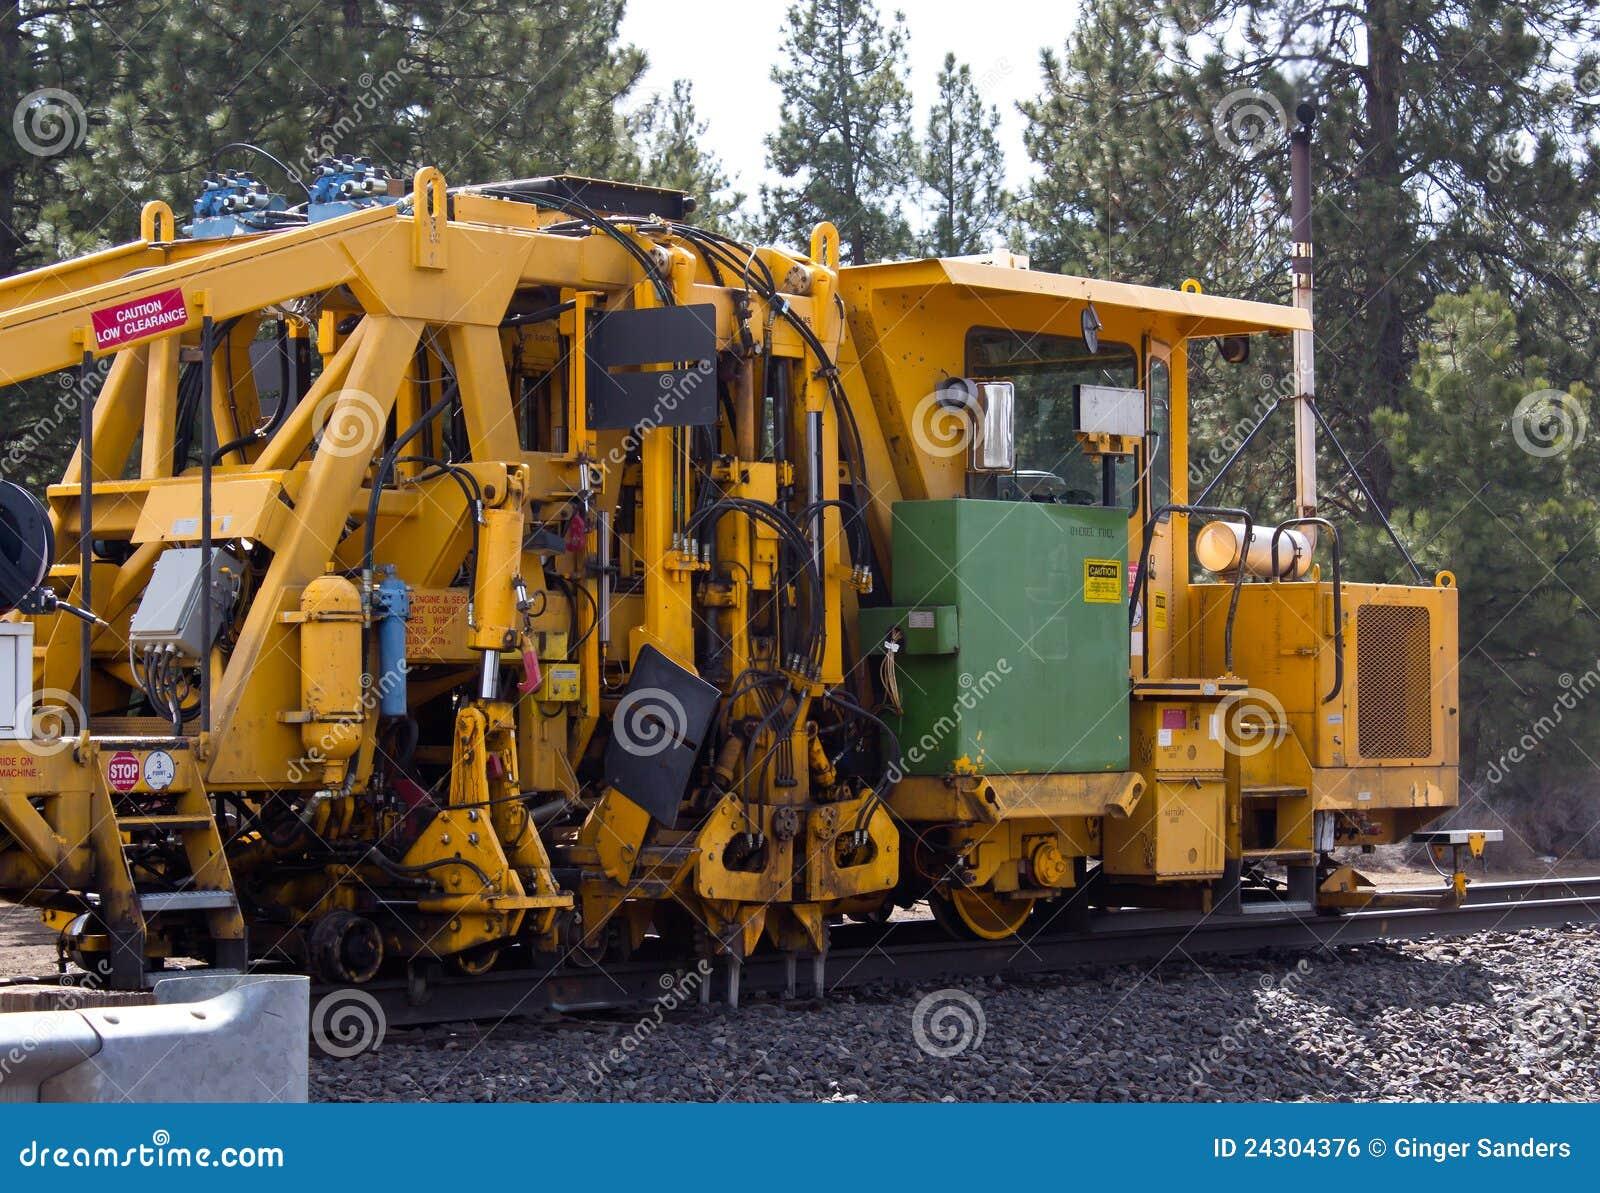 repair track - Parfu kaptanband co